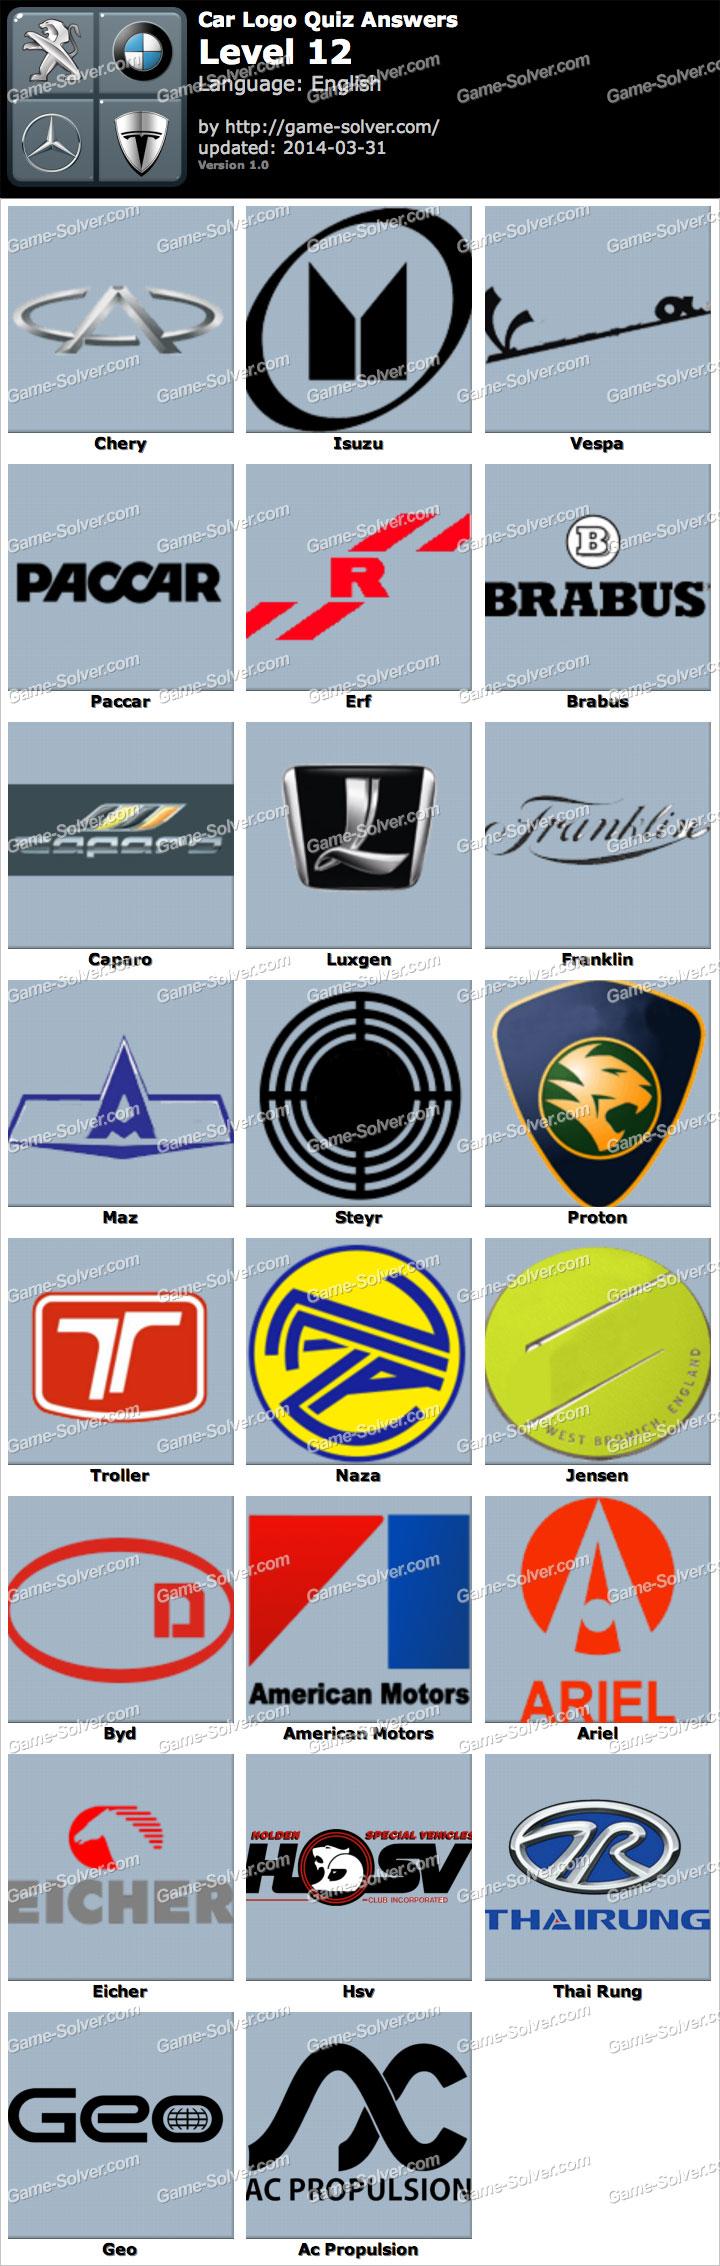 Car logo quiz level 12 game solver